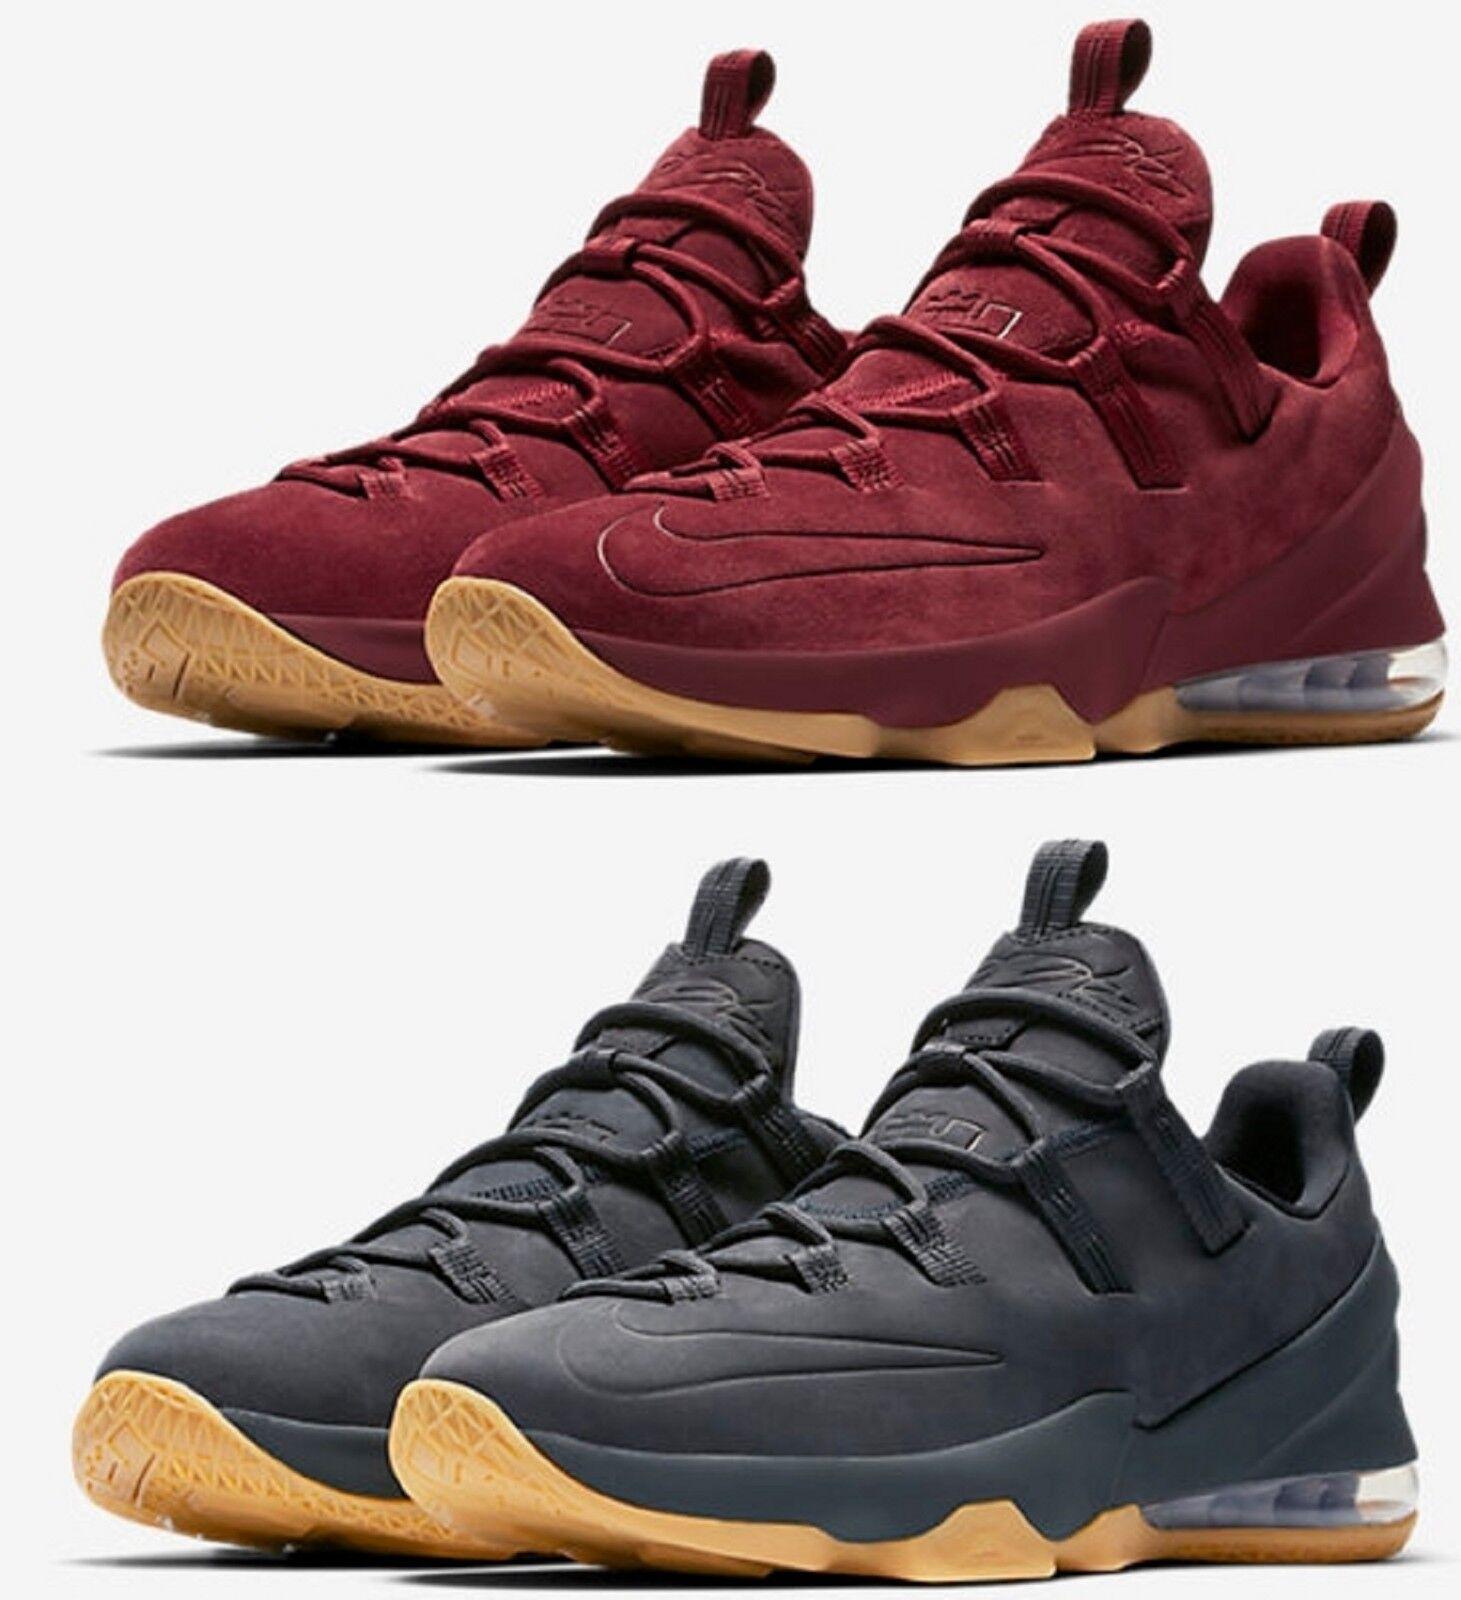 Nike lebron xiii 13 basso premio maschile di basket di squadra rossa le scarpe premio premio di antracite